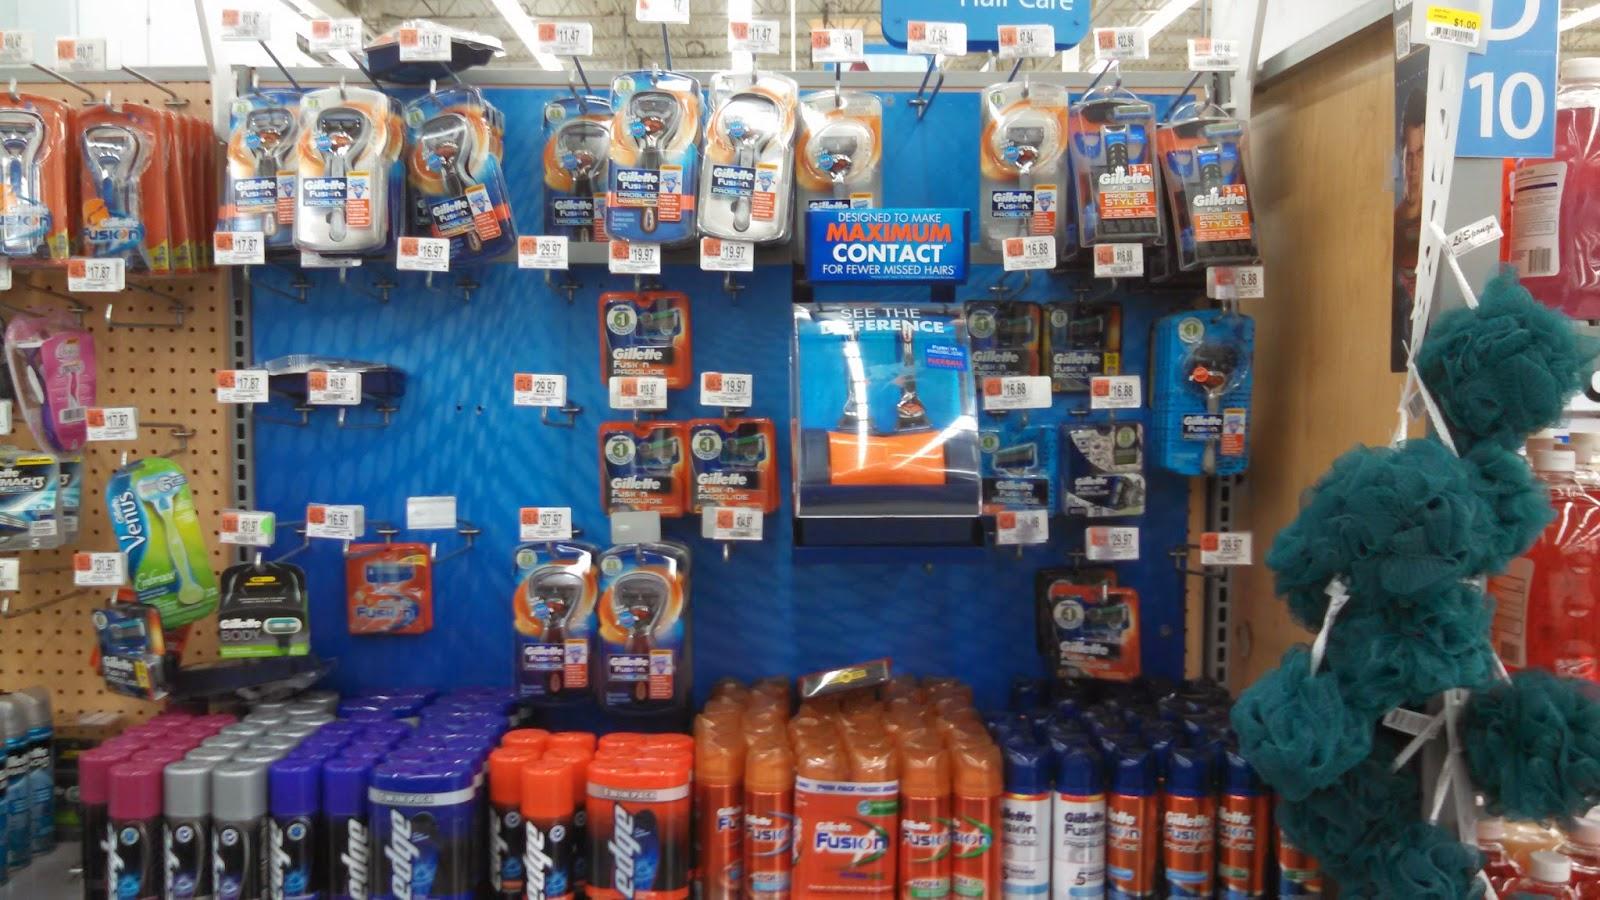 Walmart Shaving Aisle